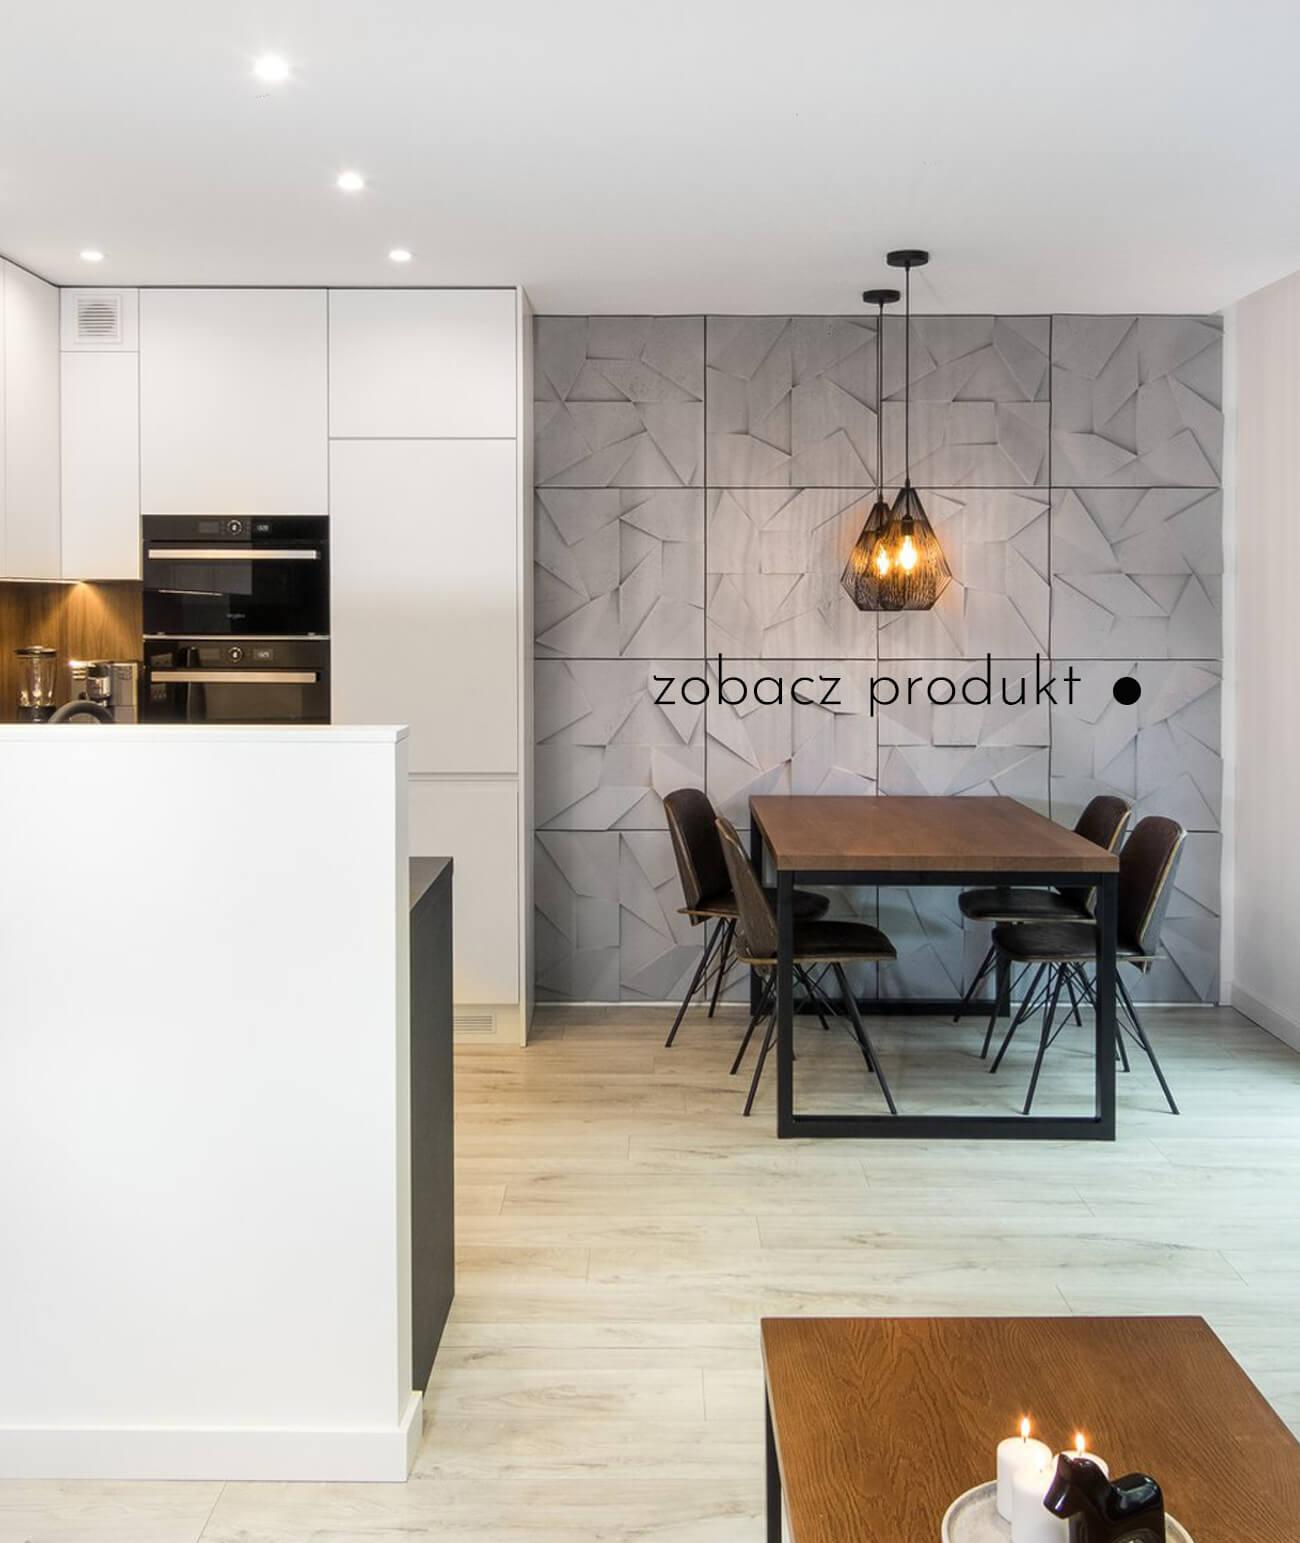 panele-betonowe-3d-scienne-i-elewacyjne-beton-architektoniczny_336-1846-pb06-s96-szary-ciemny-origami---panel-dekor-3d-beton-architektoniczny-panel-scienny